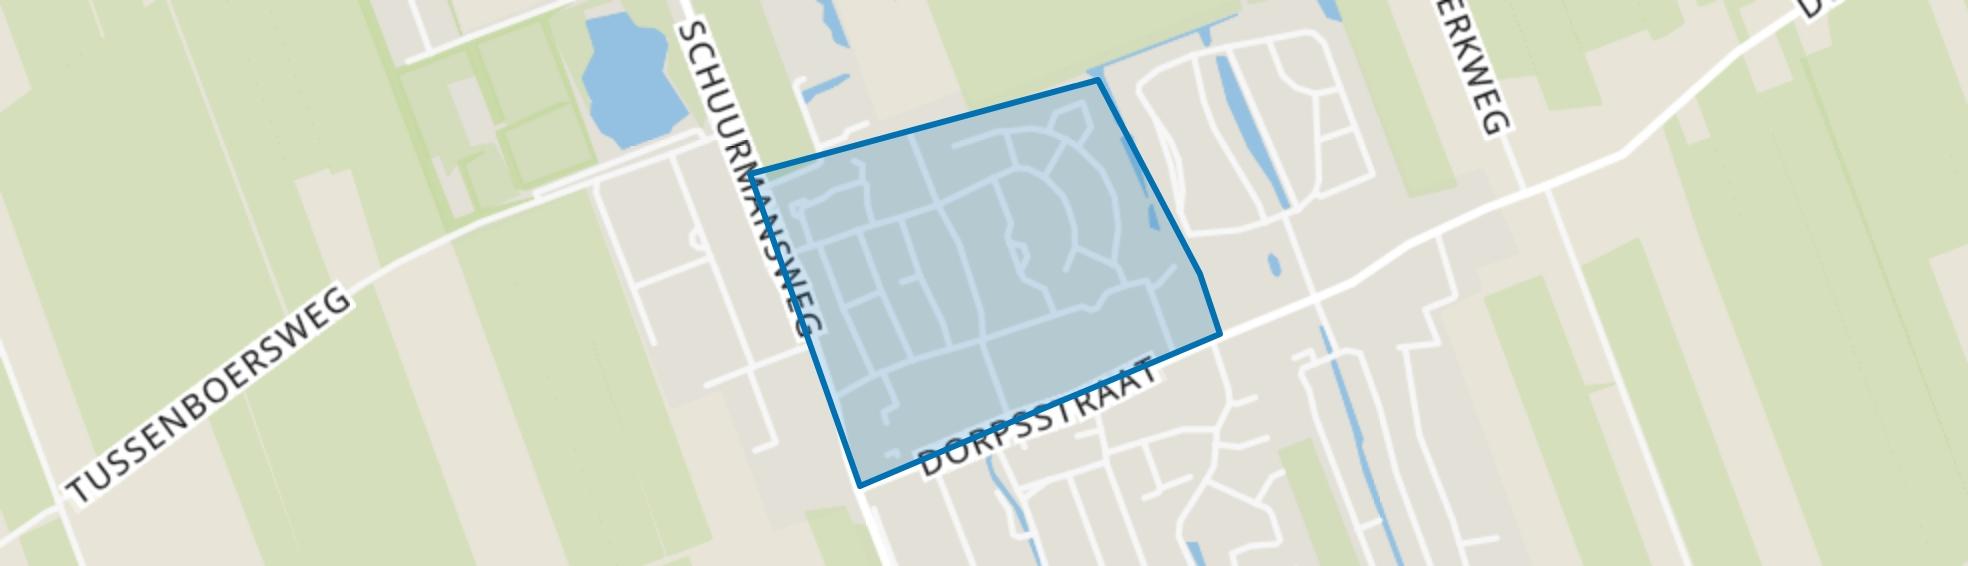 Vogelbuurt, Nijeveen map